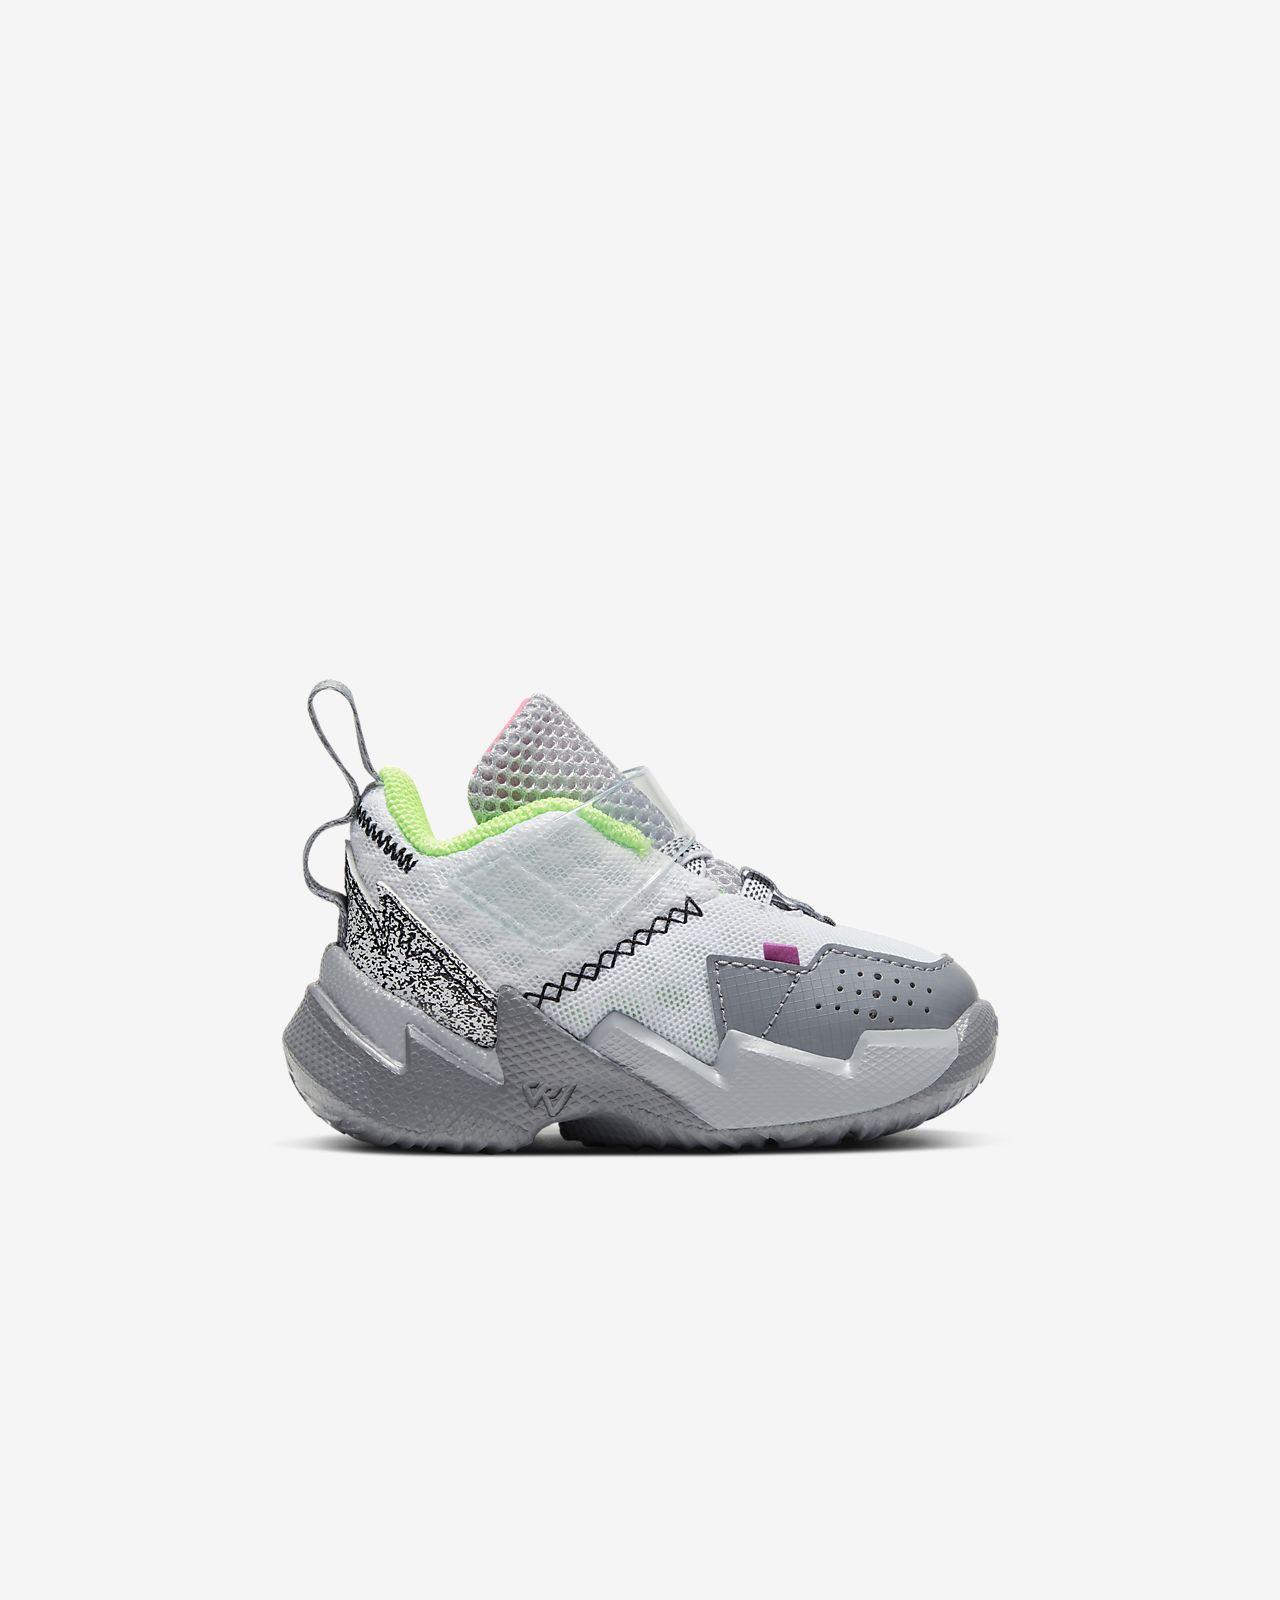 Nike Free Run 3 (2c 10c) InfantToddler Boys' Running Shoe